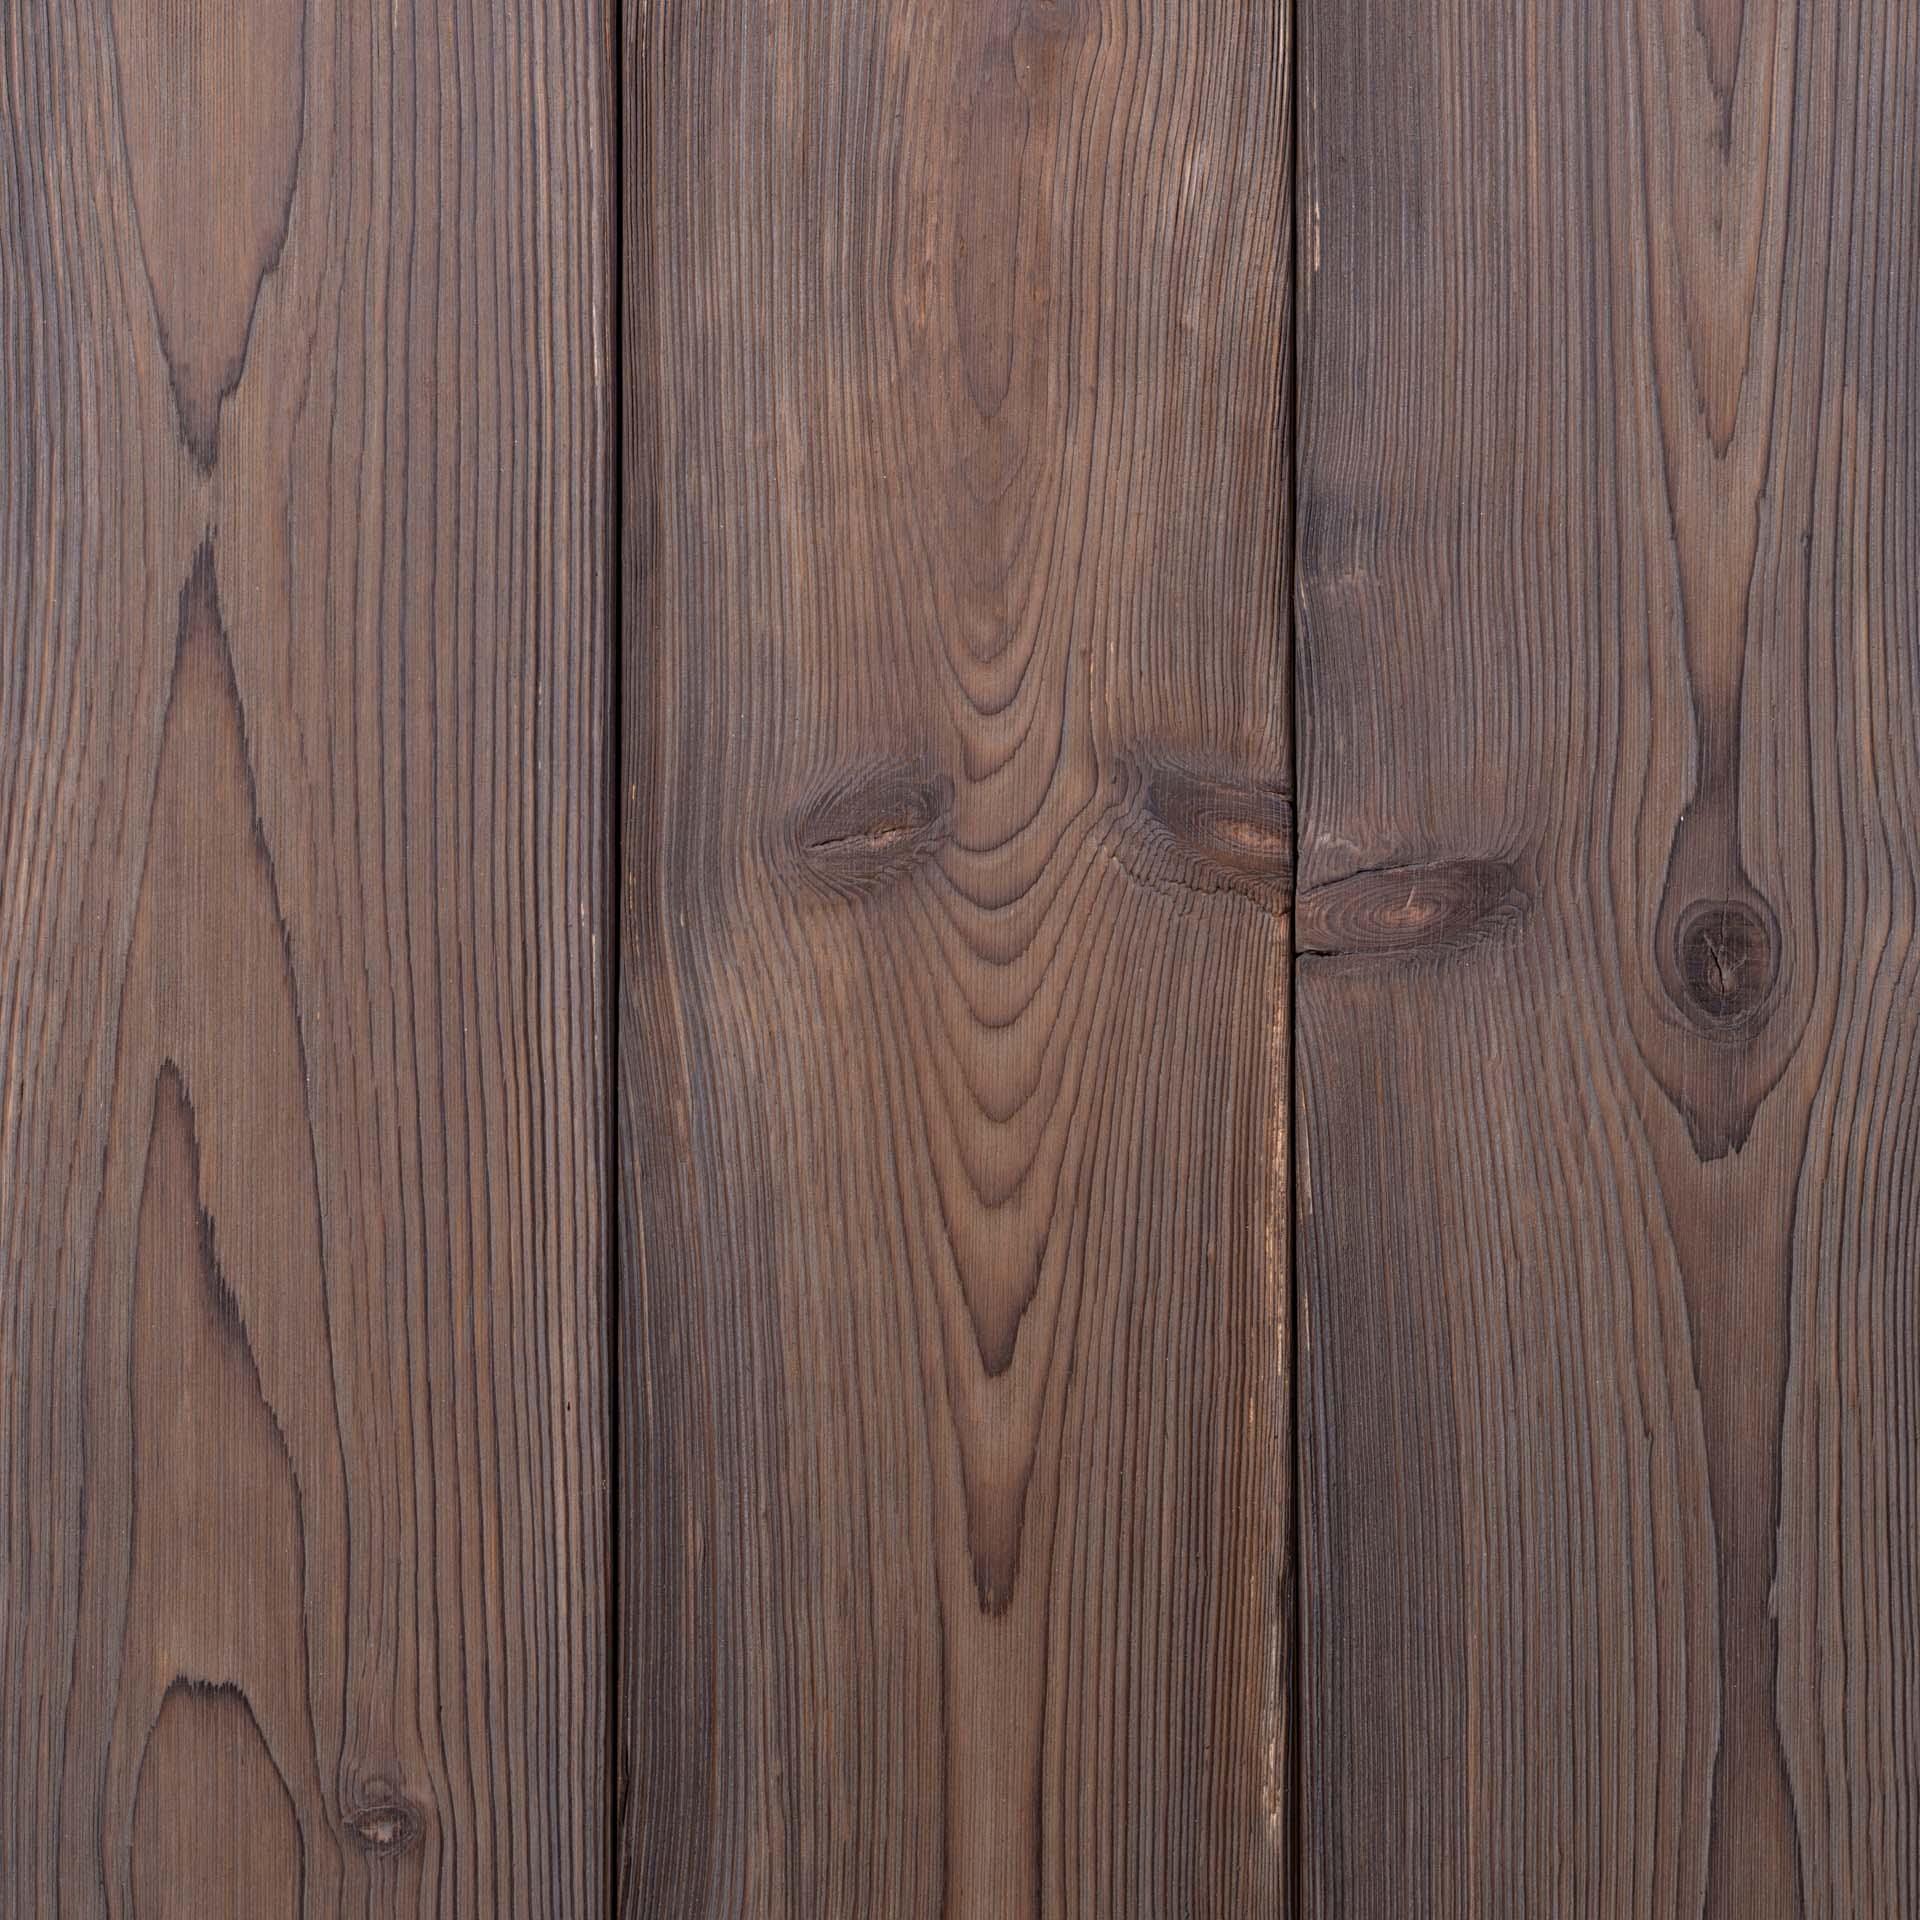 Uahi <br>(Northwestern Spruce)